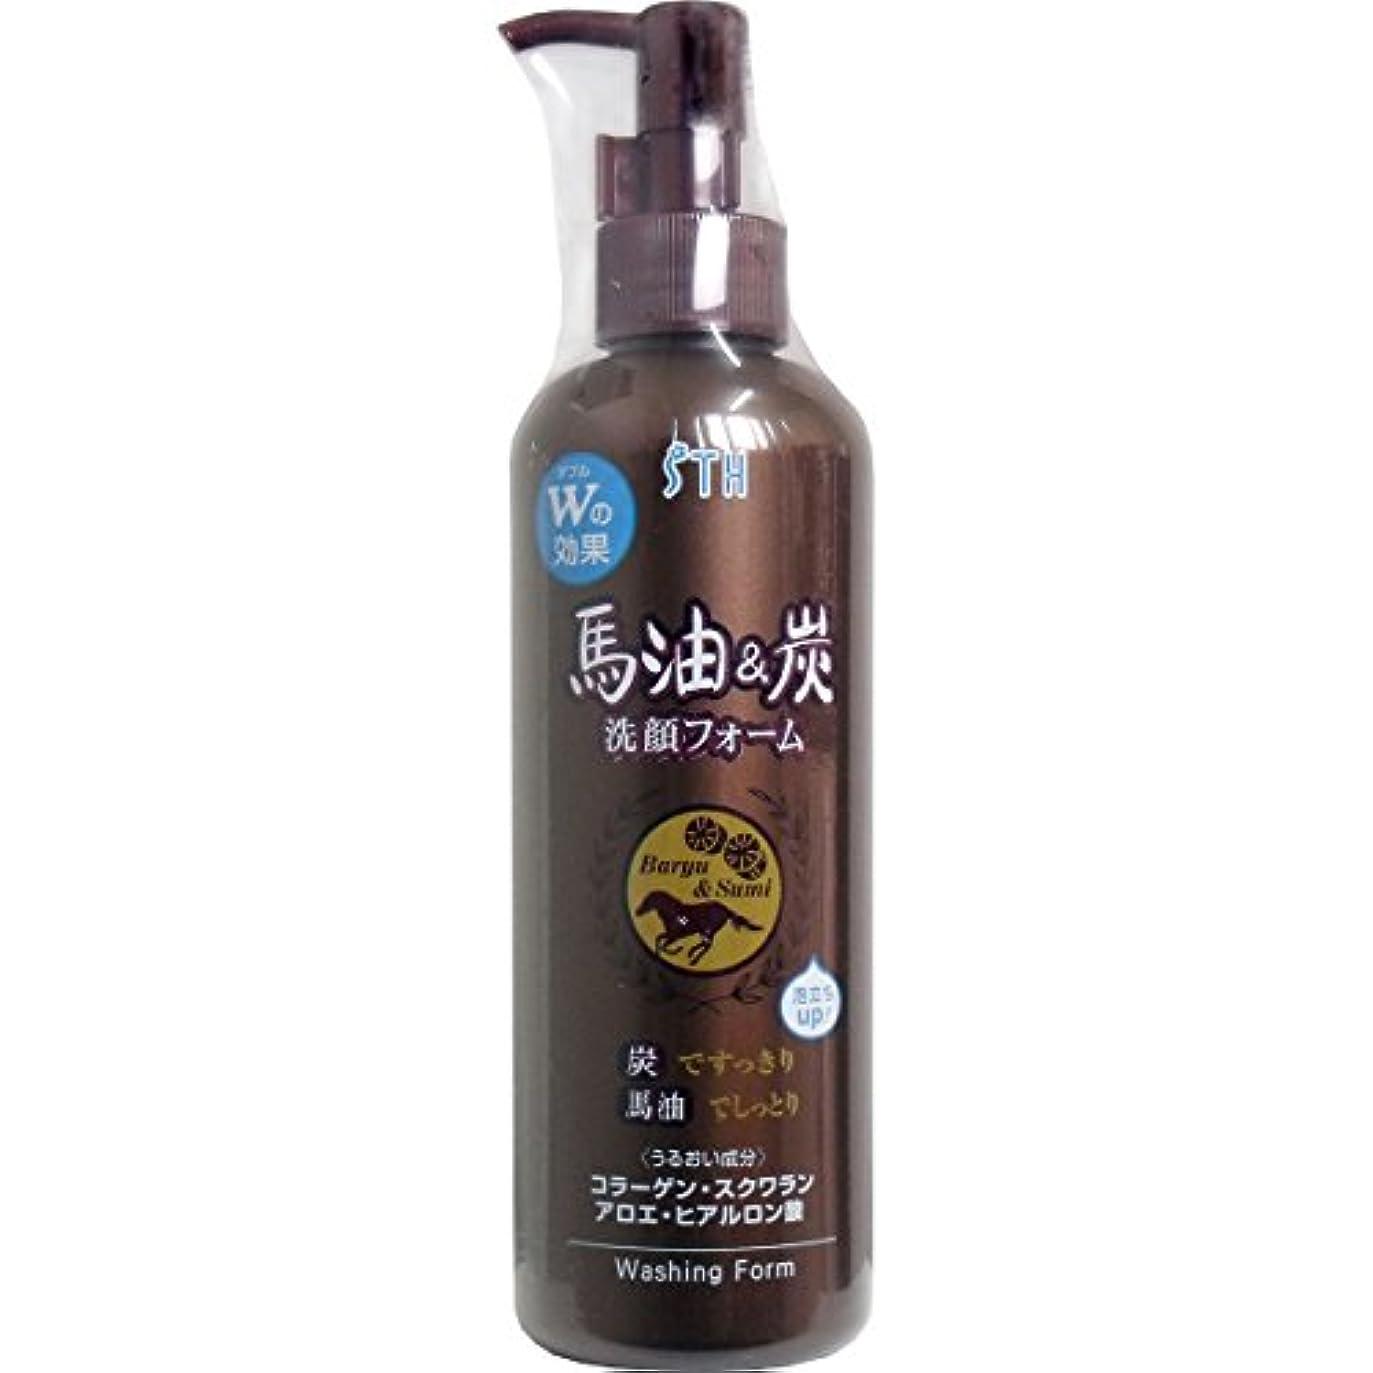 入浴過ちサラダ馬油&炭 洗顔フォーム 250ml 2個セット